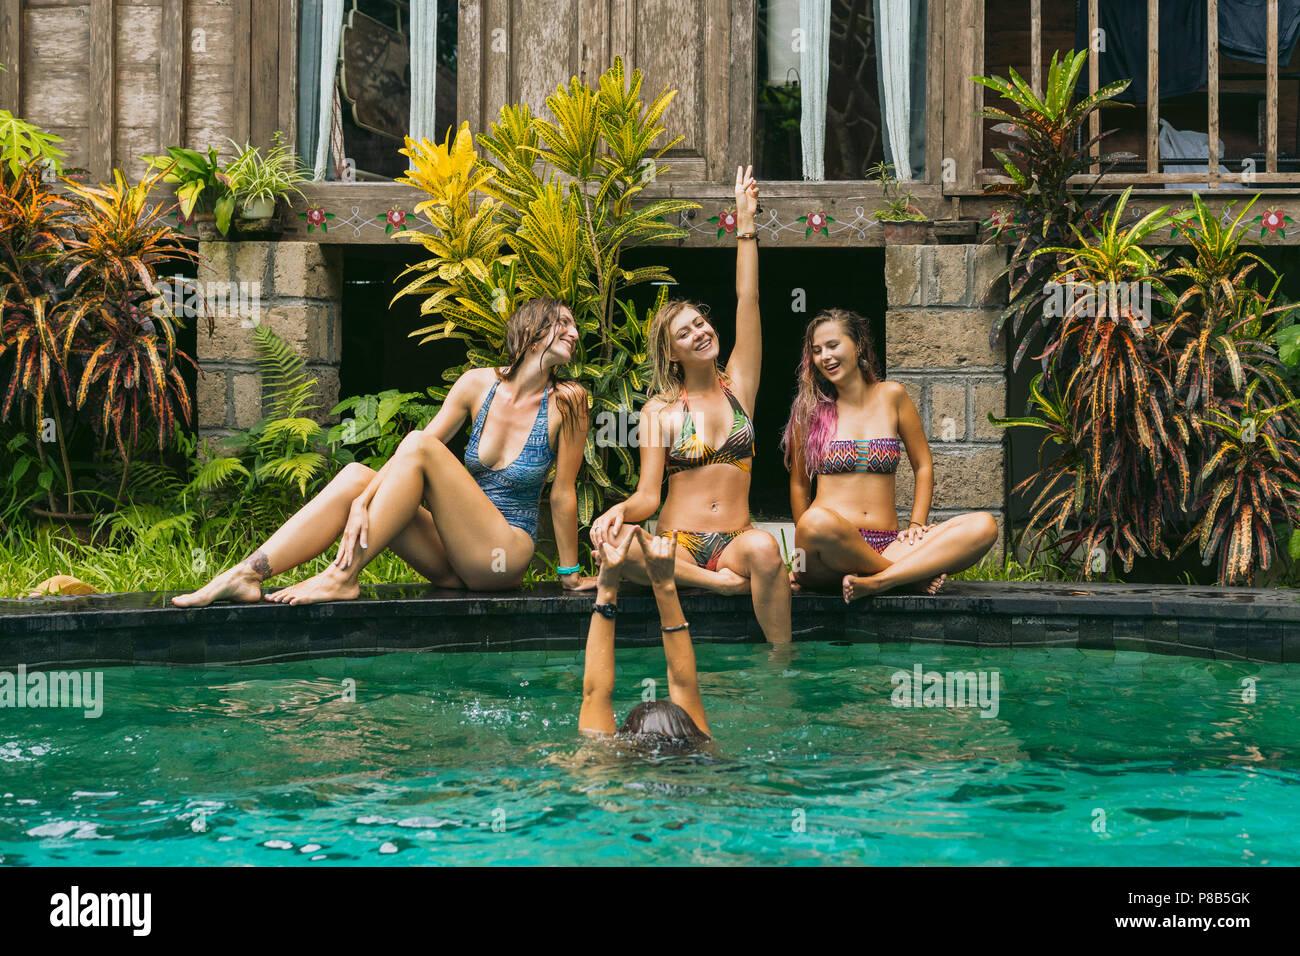 happy young women in swimwear having fun near swimming pool - Stock Image